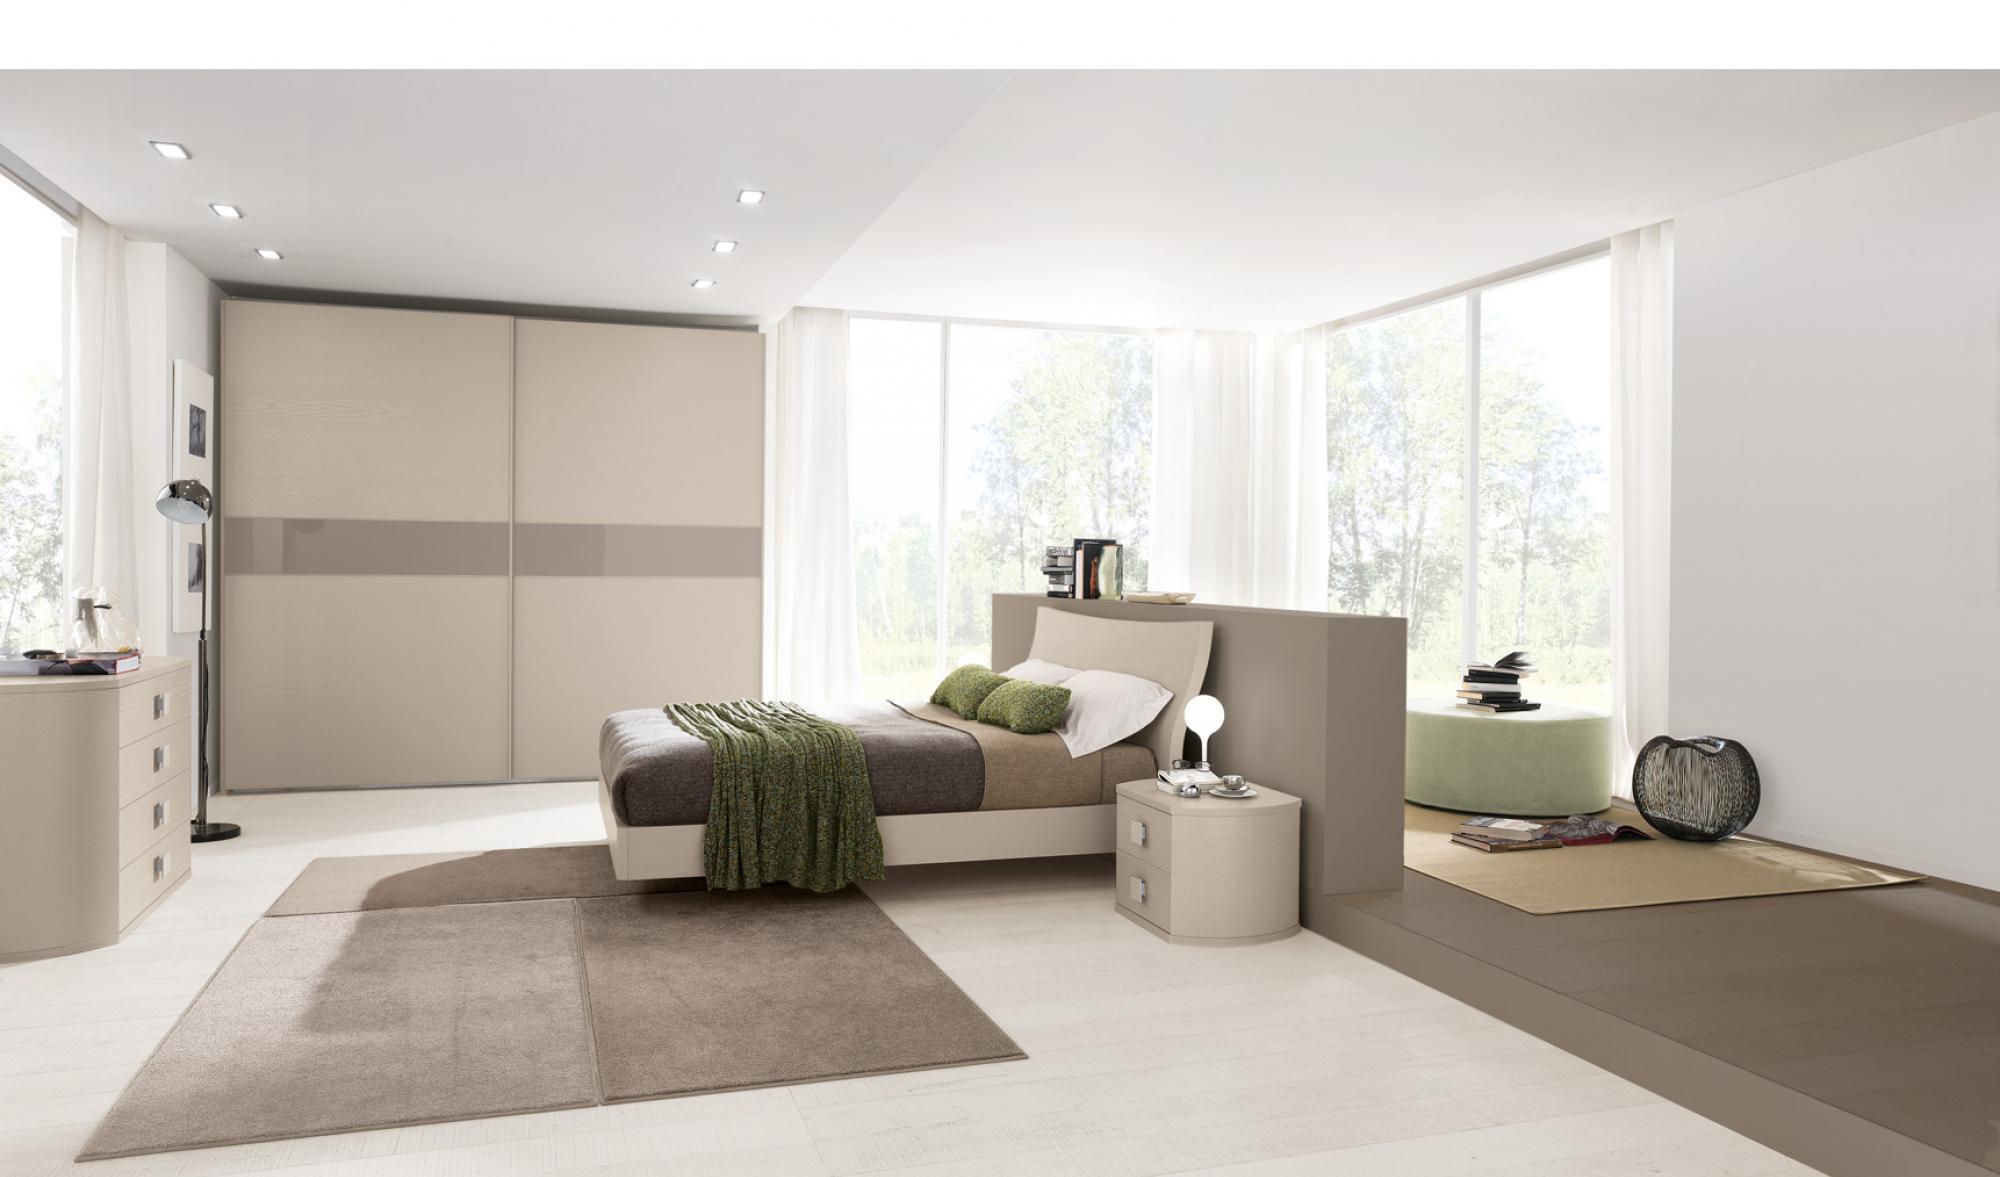 Camere da letto colombini vitalyty arredo spazio casa for Semplici piani casa 4 camere da letto